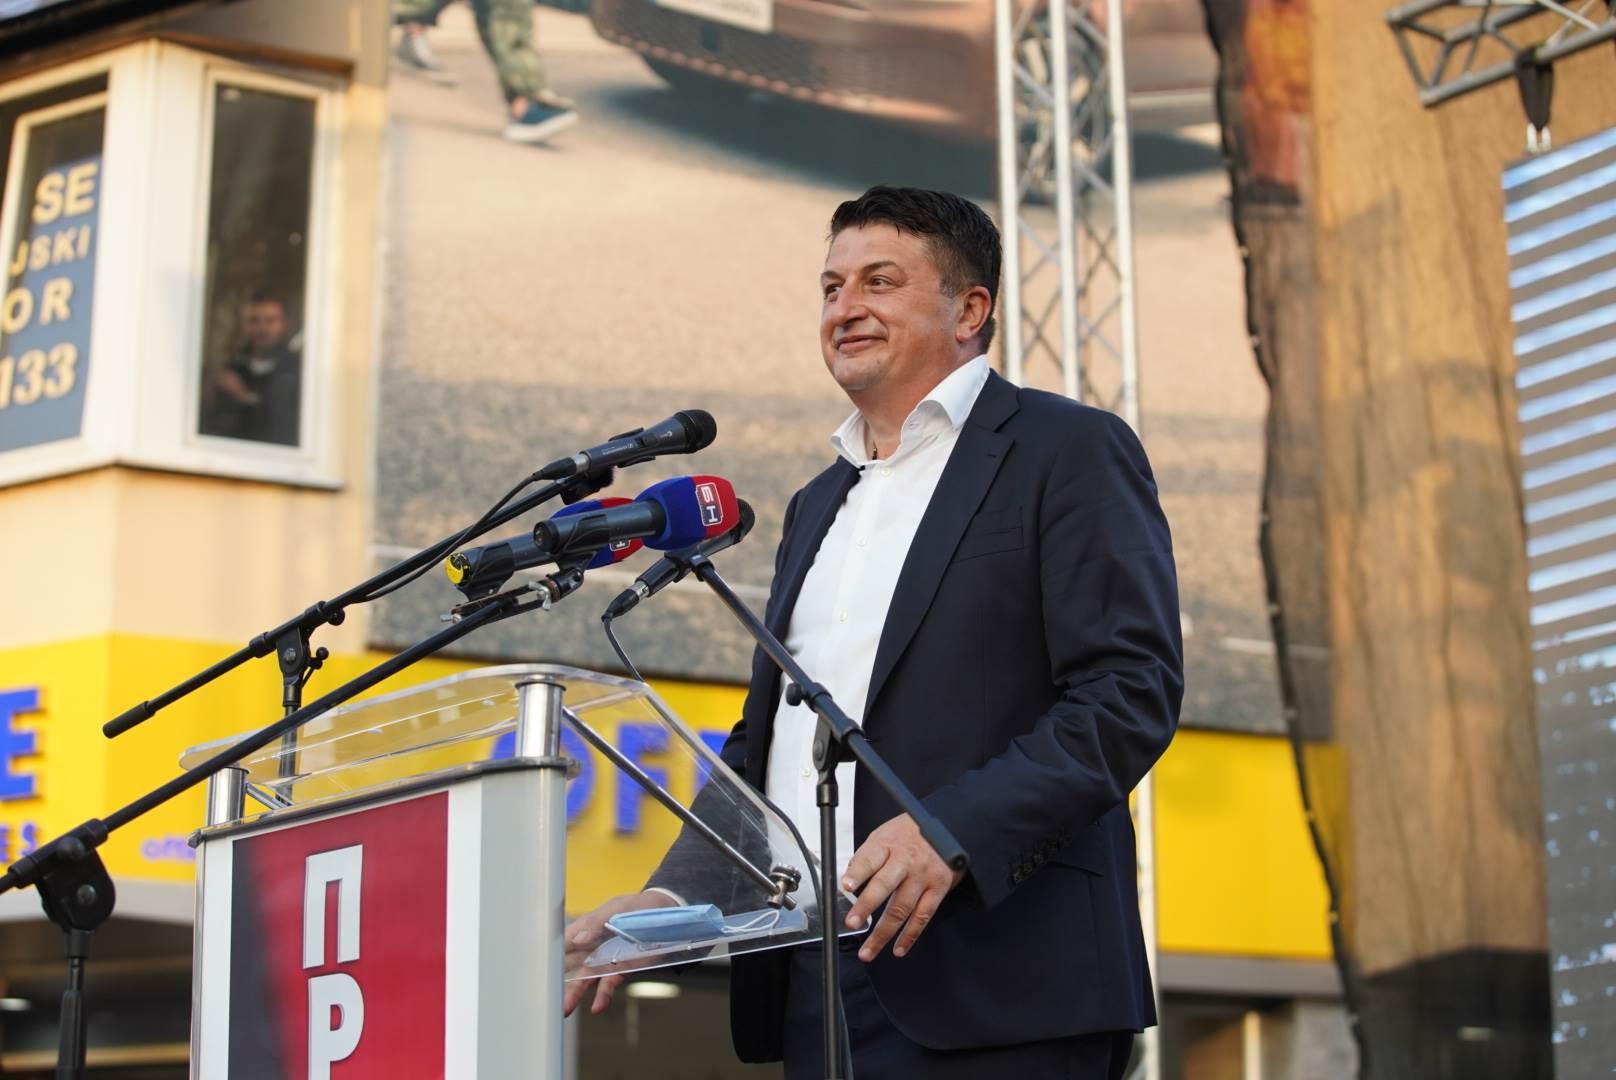 Milan Radović, protest